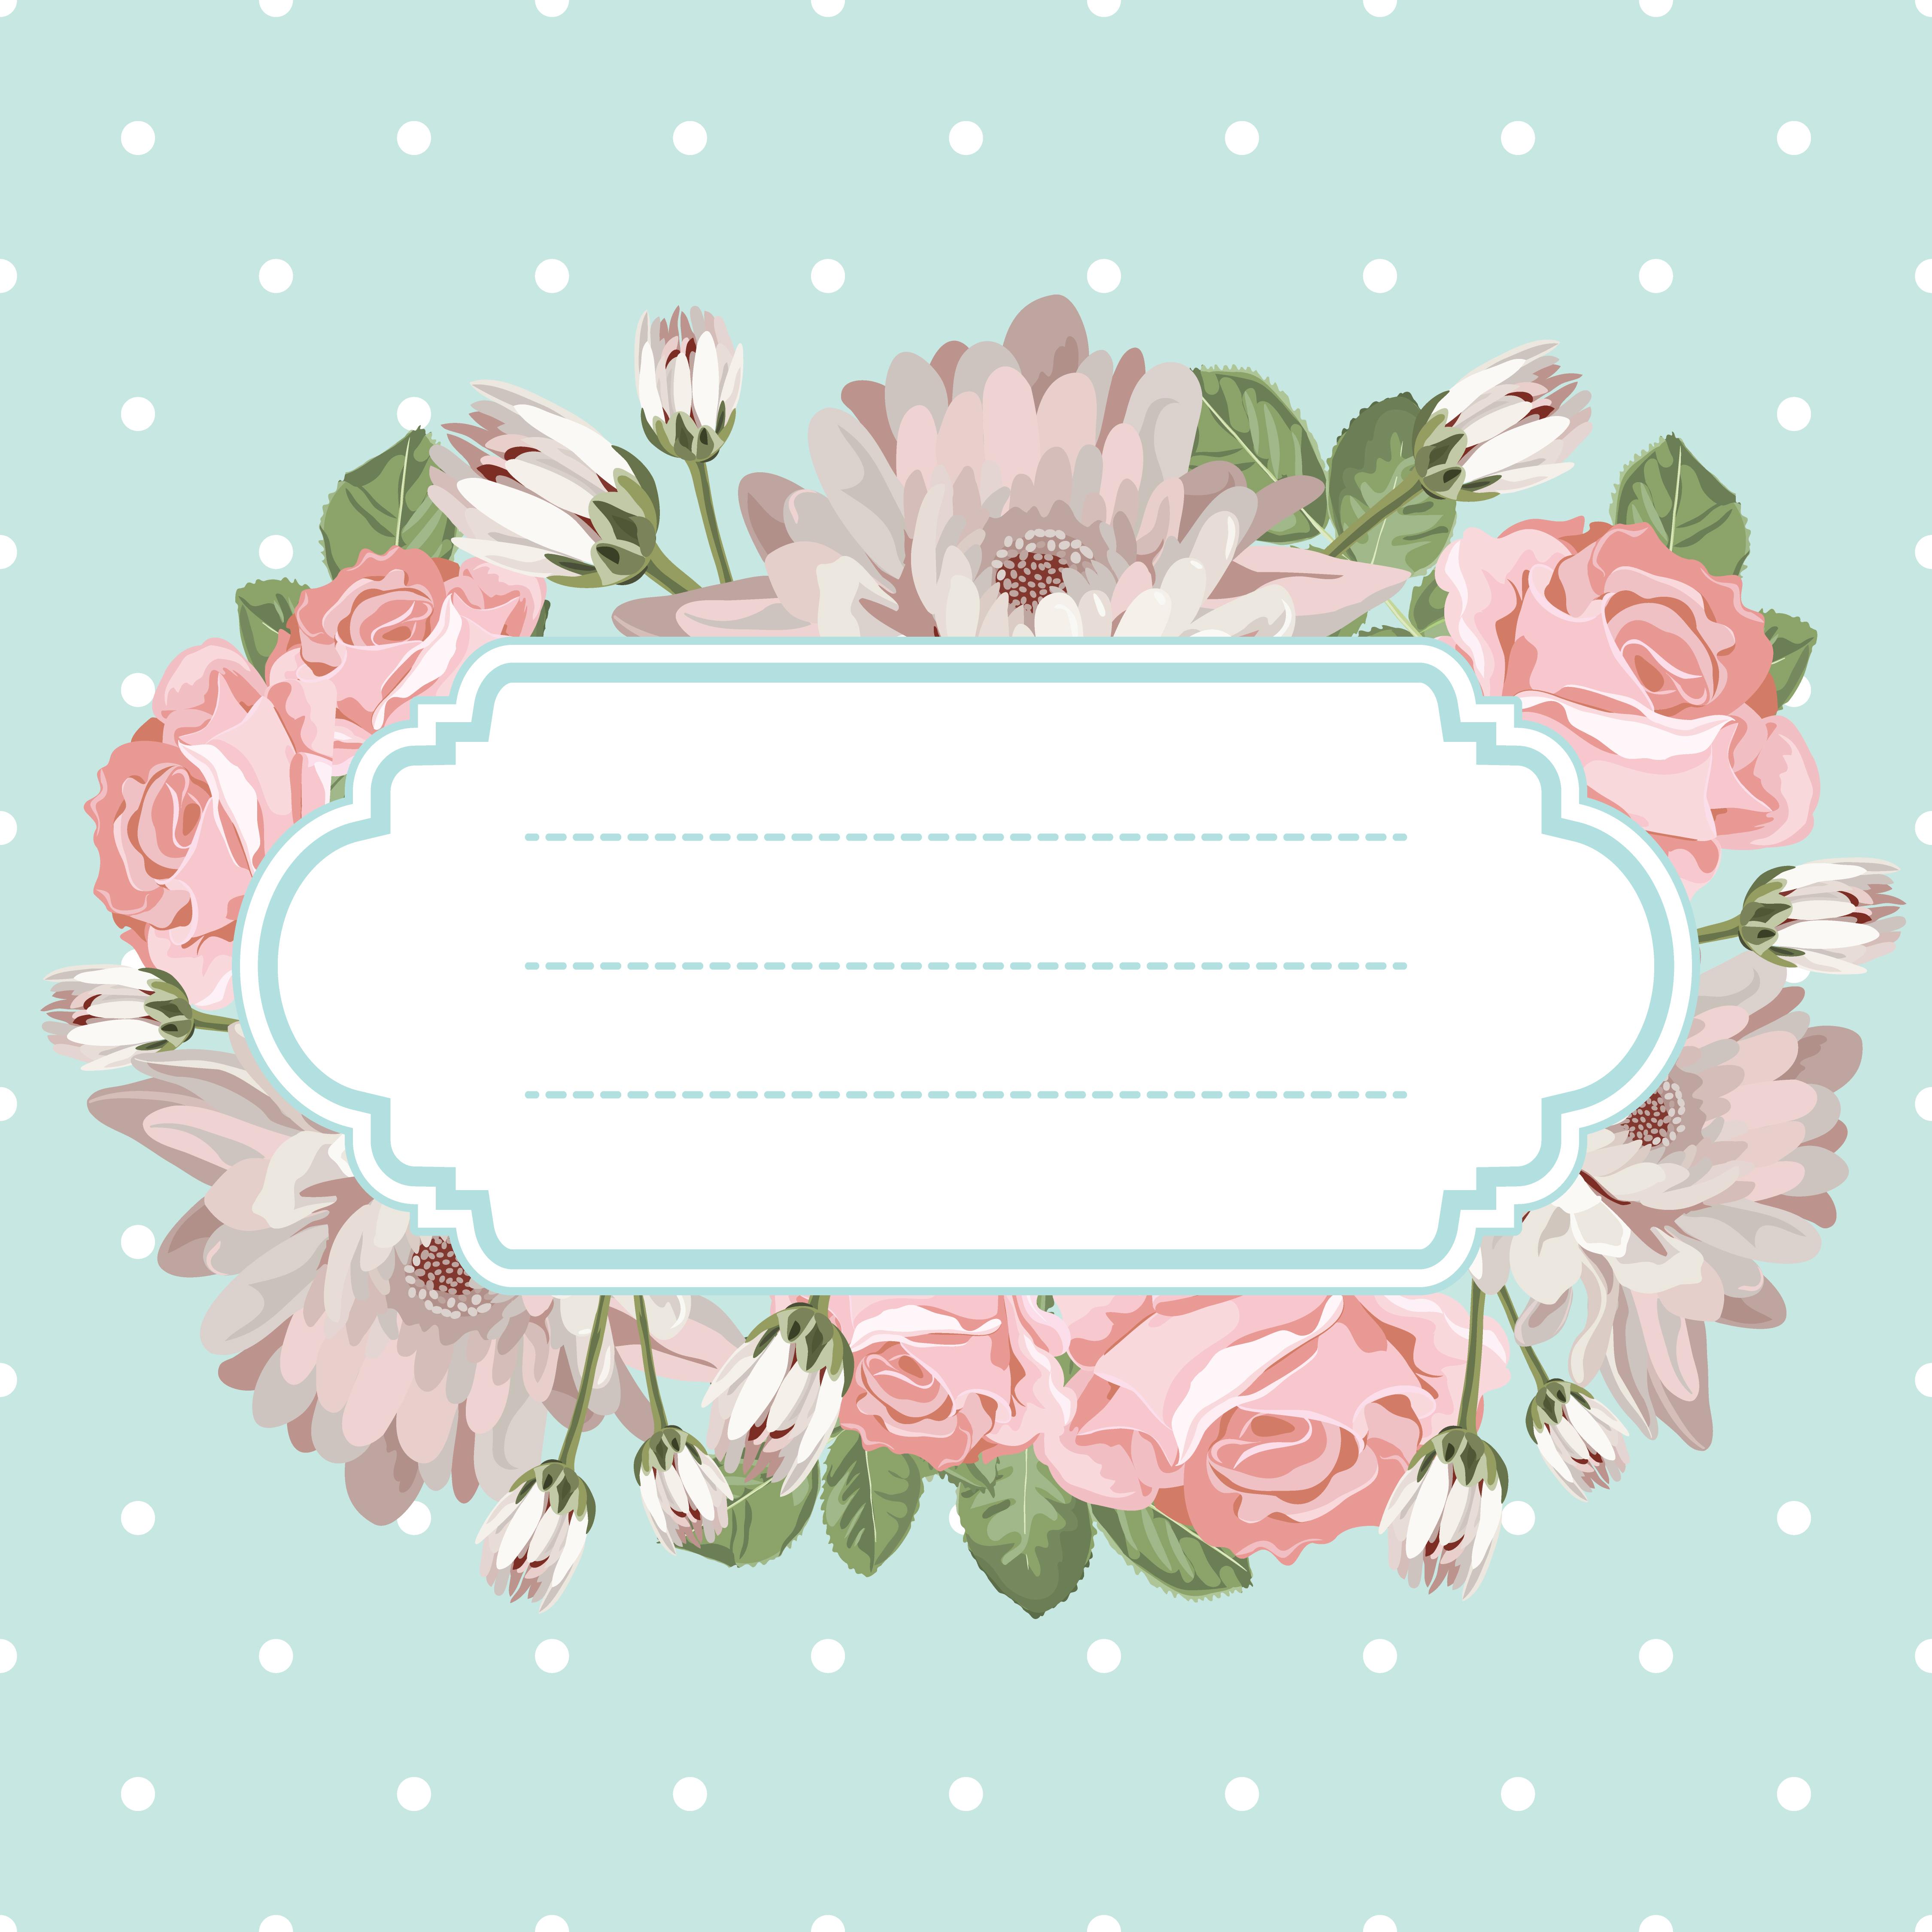 Marriage Invitation Card Design